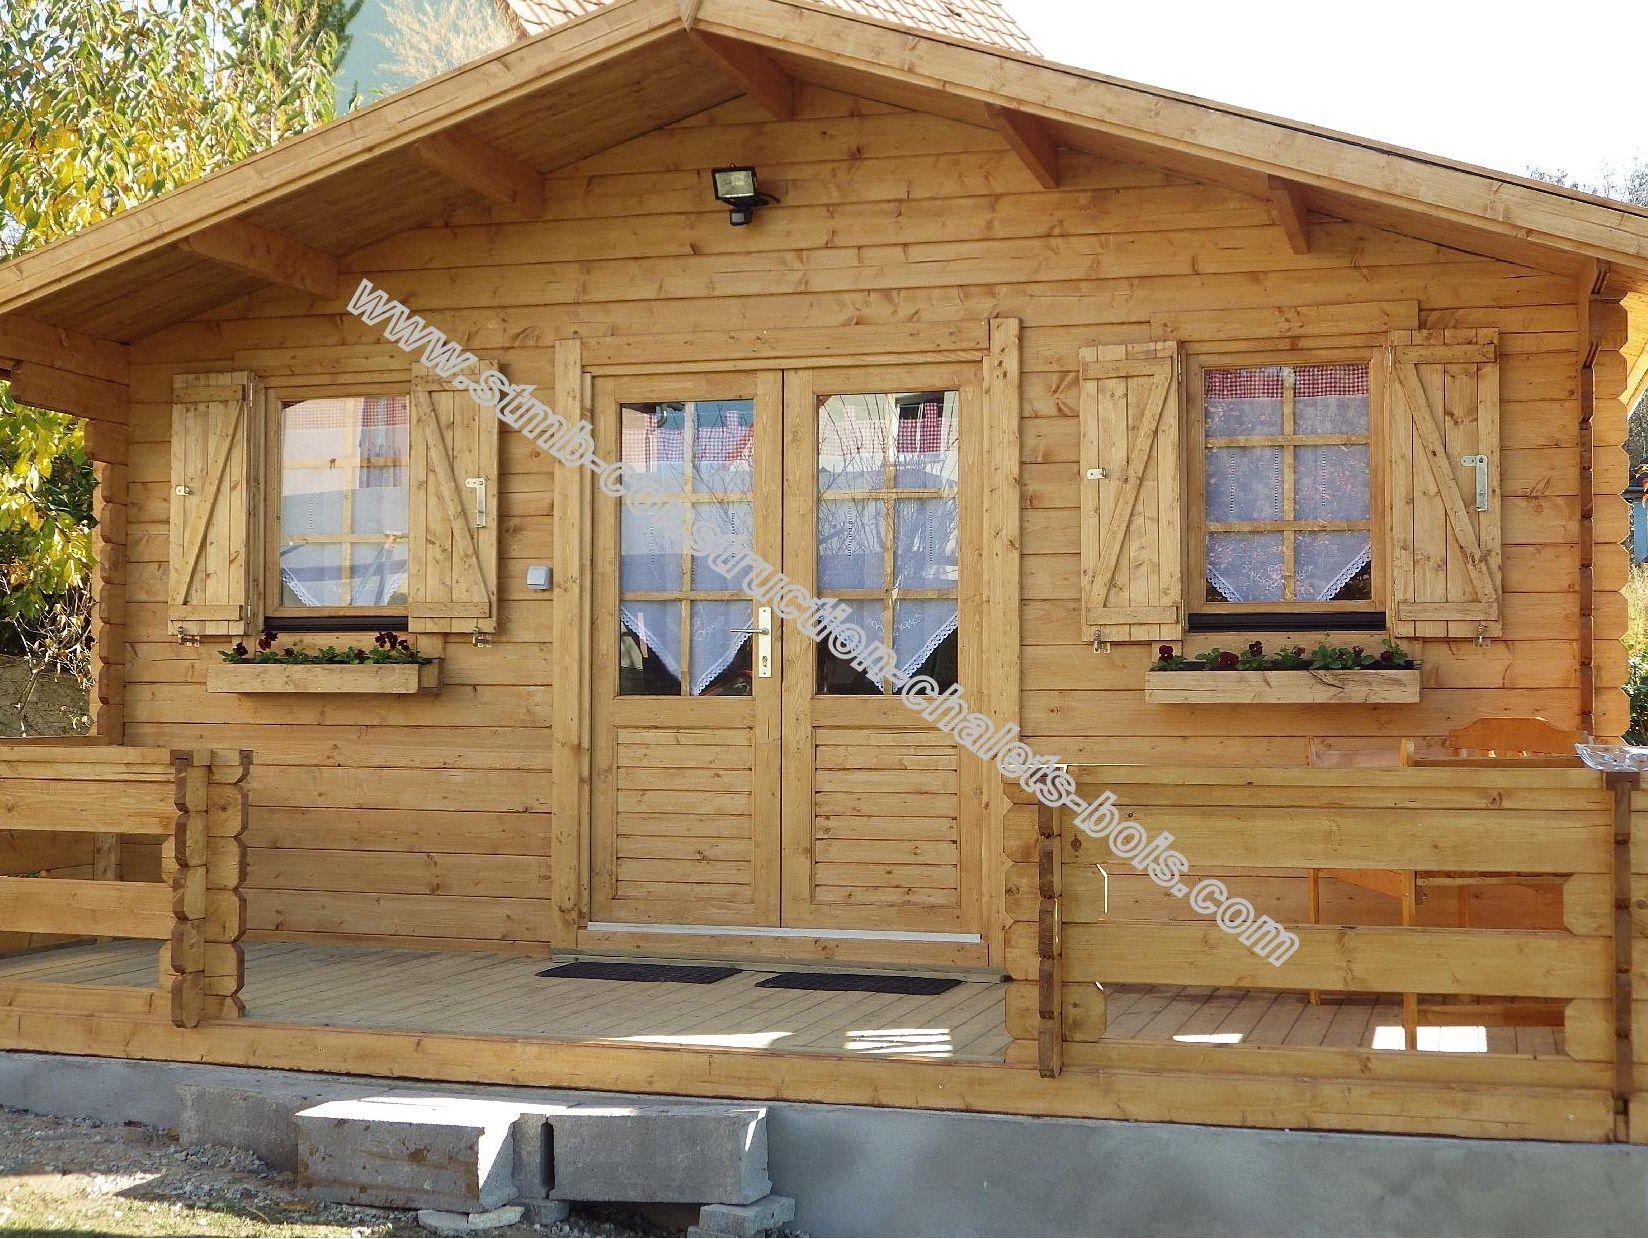 Cabane De Jardin 20m2 Stmb Construction Chalets Bois Com Cabane Jardin Maison Bois Chalet De Jardin